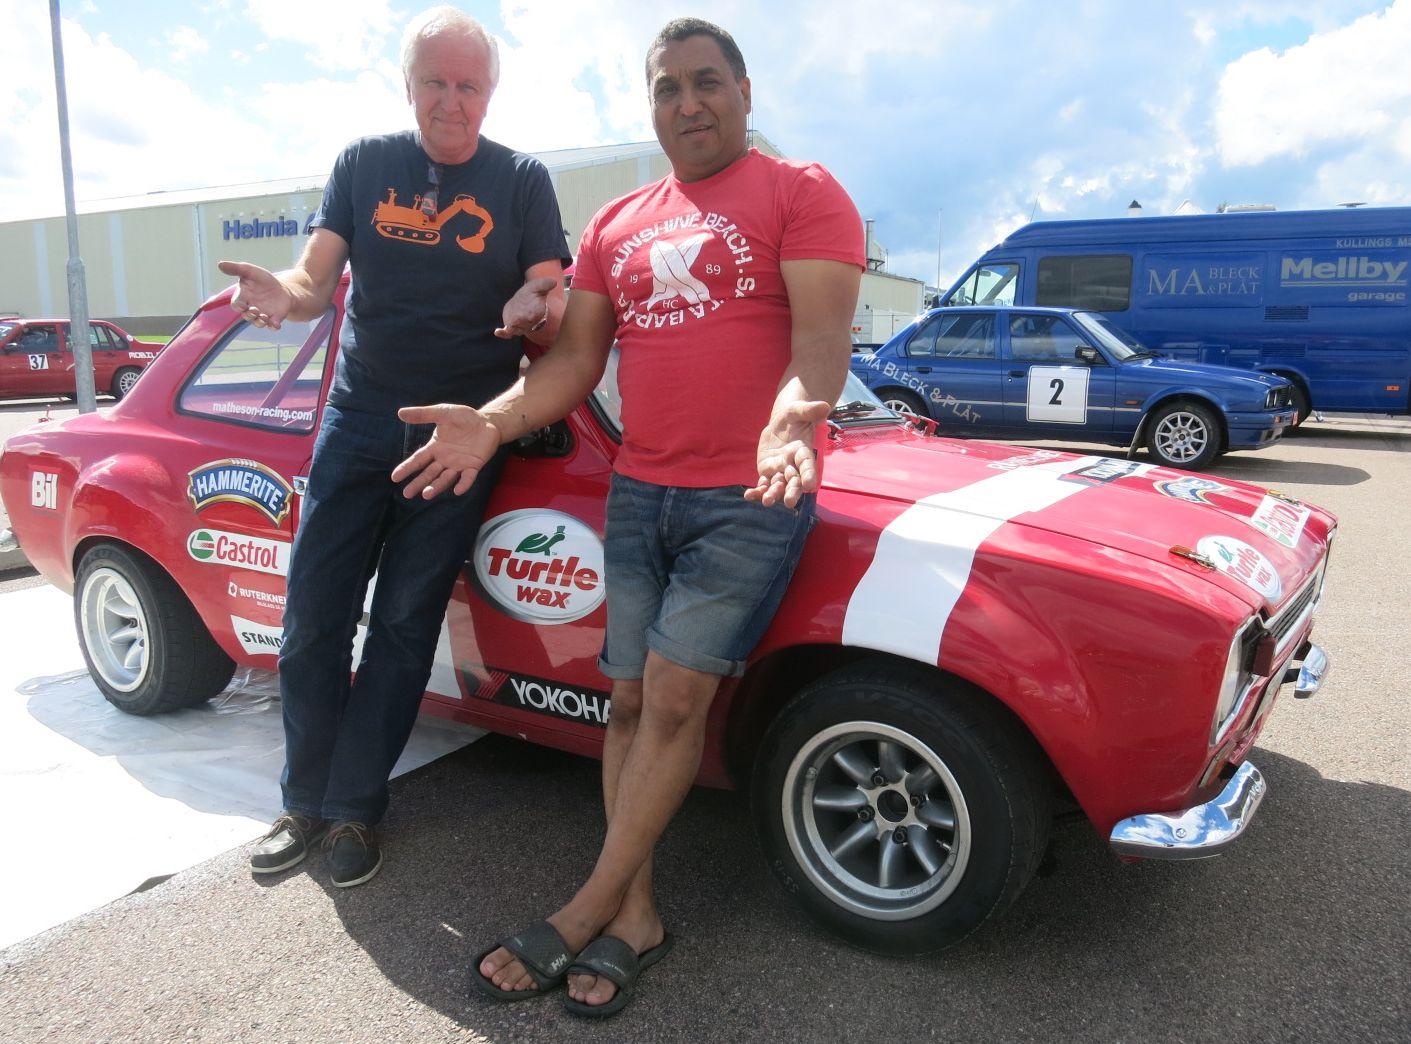 rallybiler til salgs i sverige